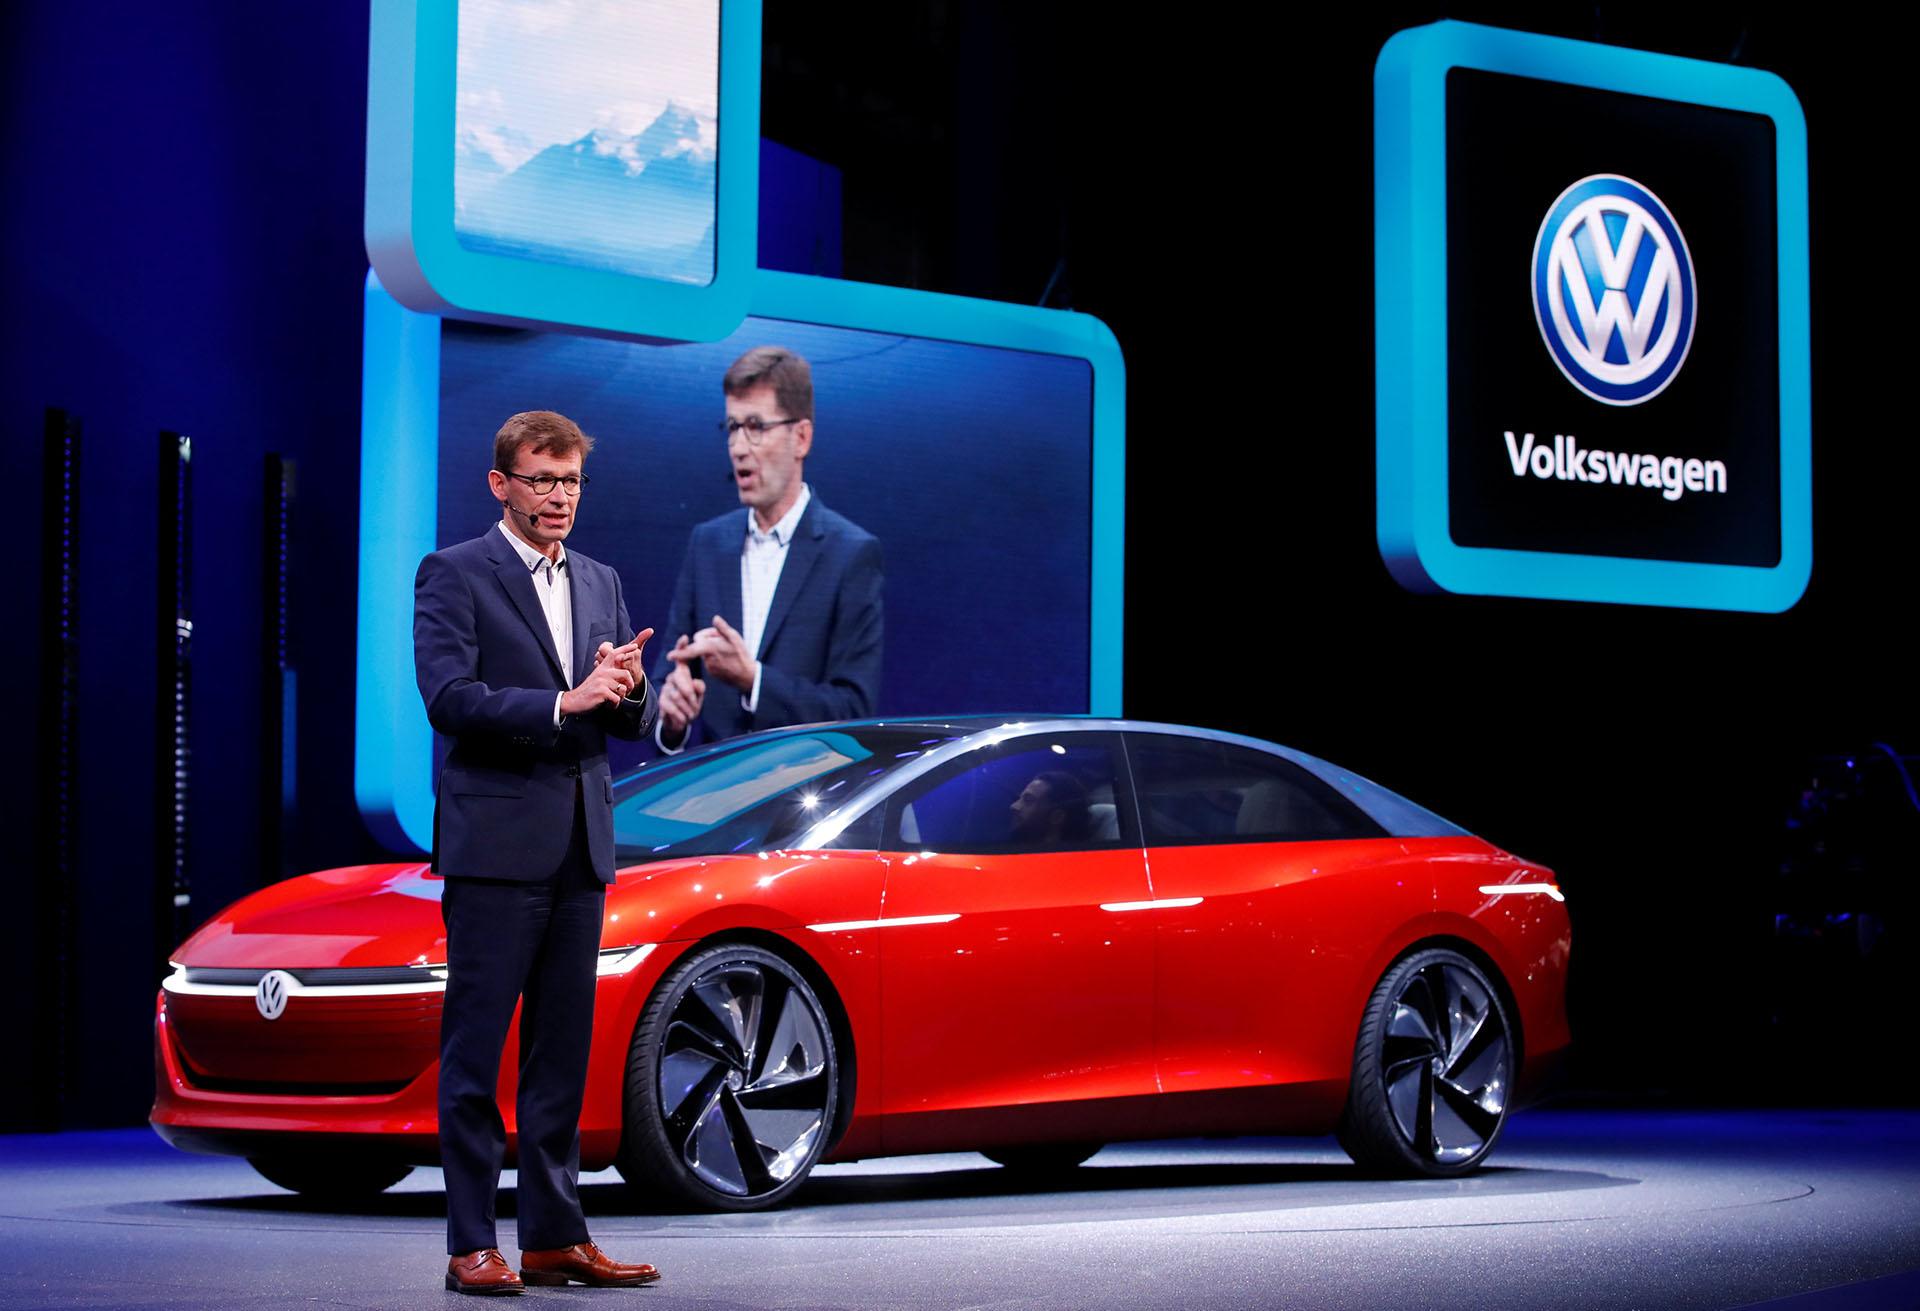 Frank Welsh, responsable de Desarrollo del Comité Ejecutivo de VW, presentó uno de los concepts cars más exóticos de la feria suiza. El Volkswagen I.D. Vizzion es la visión futura del conglomerado alemán